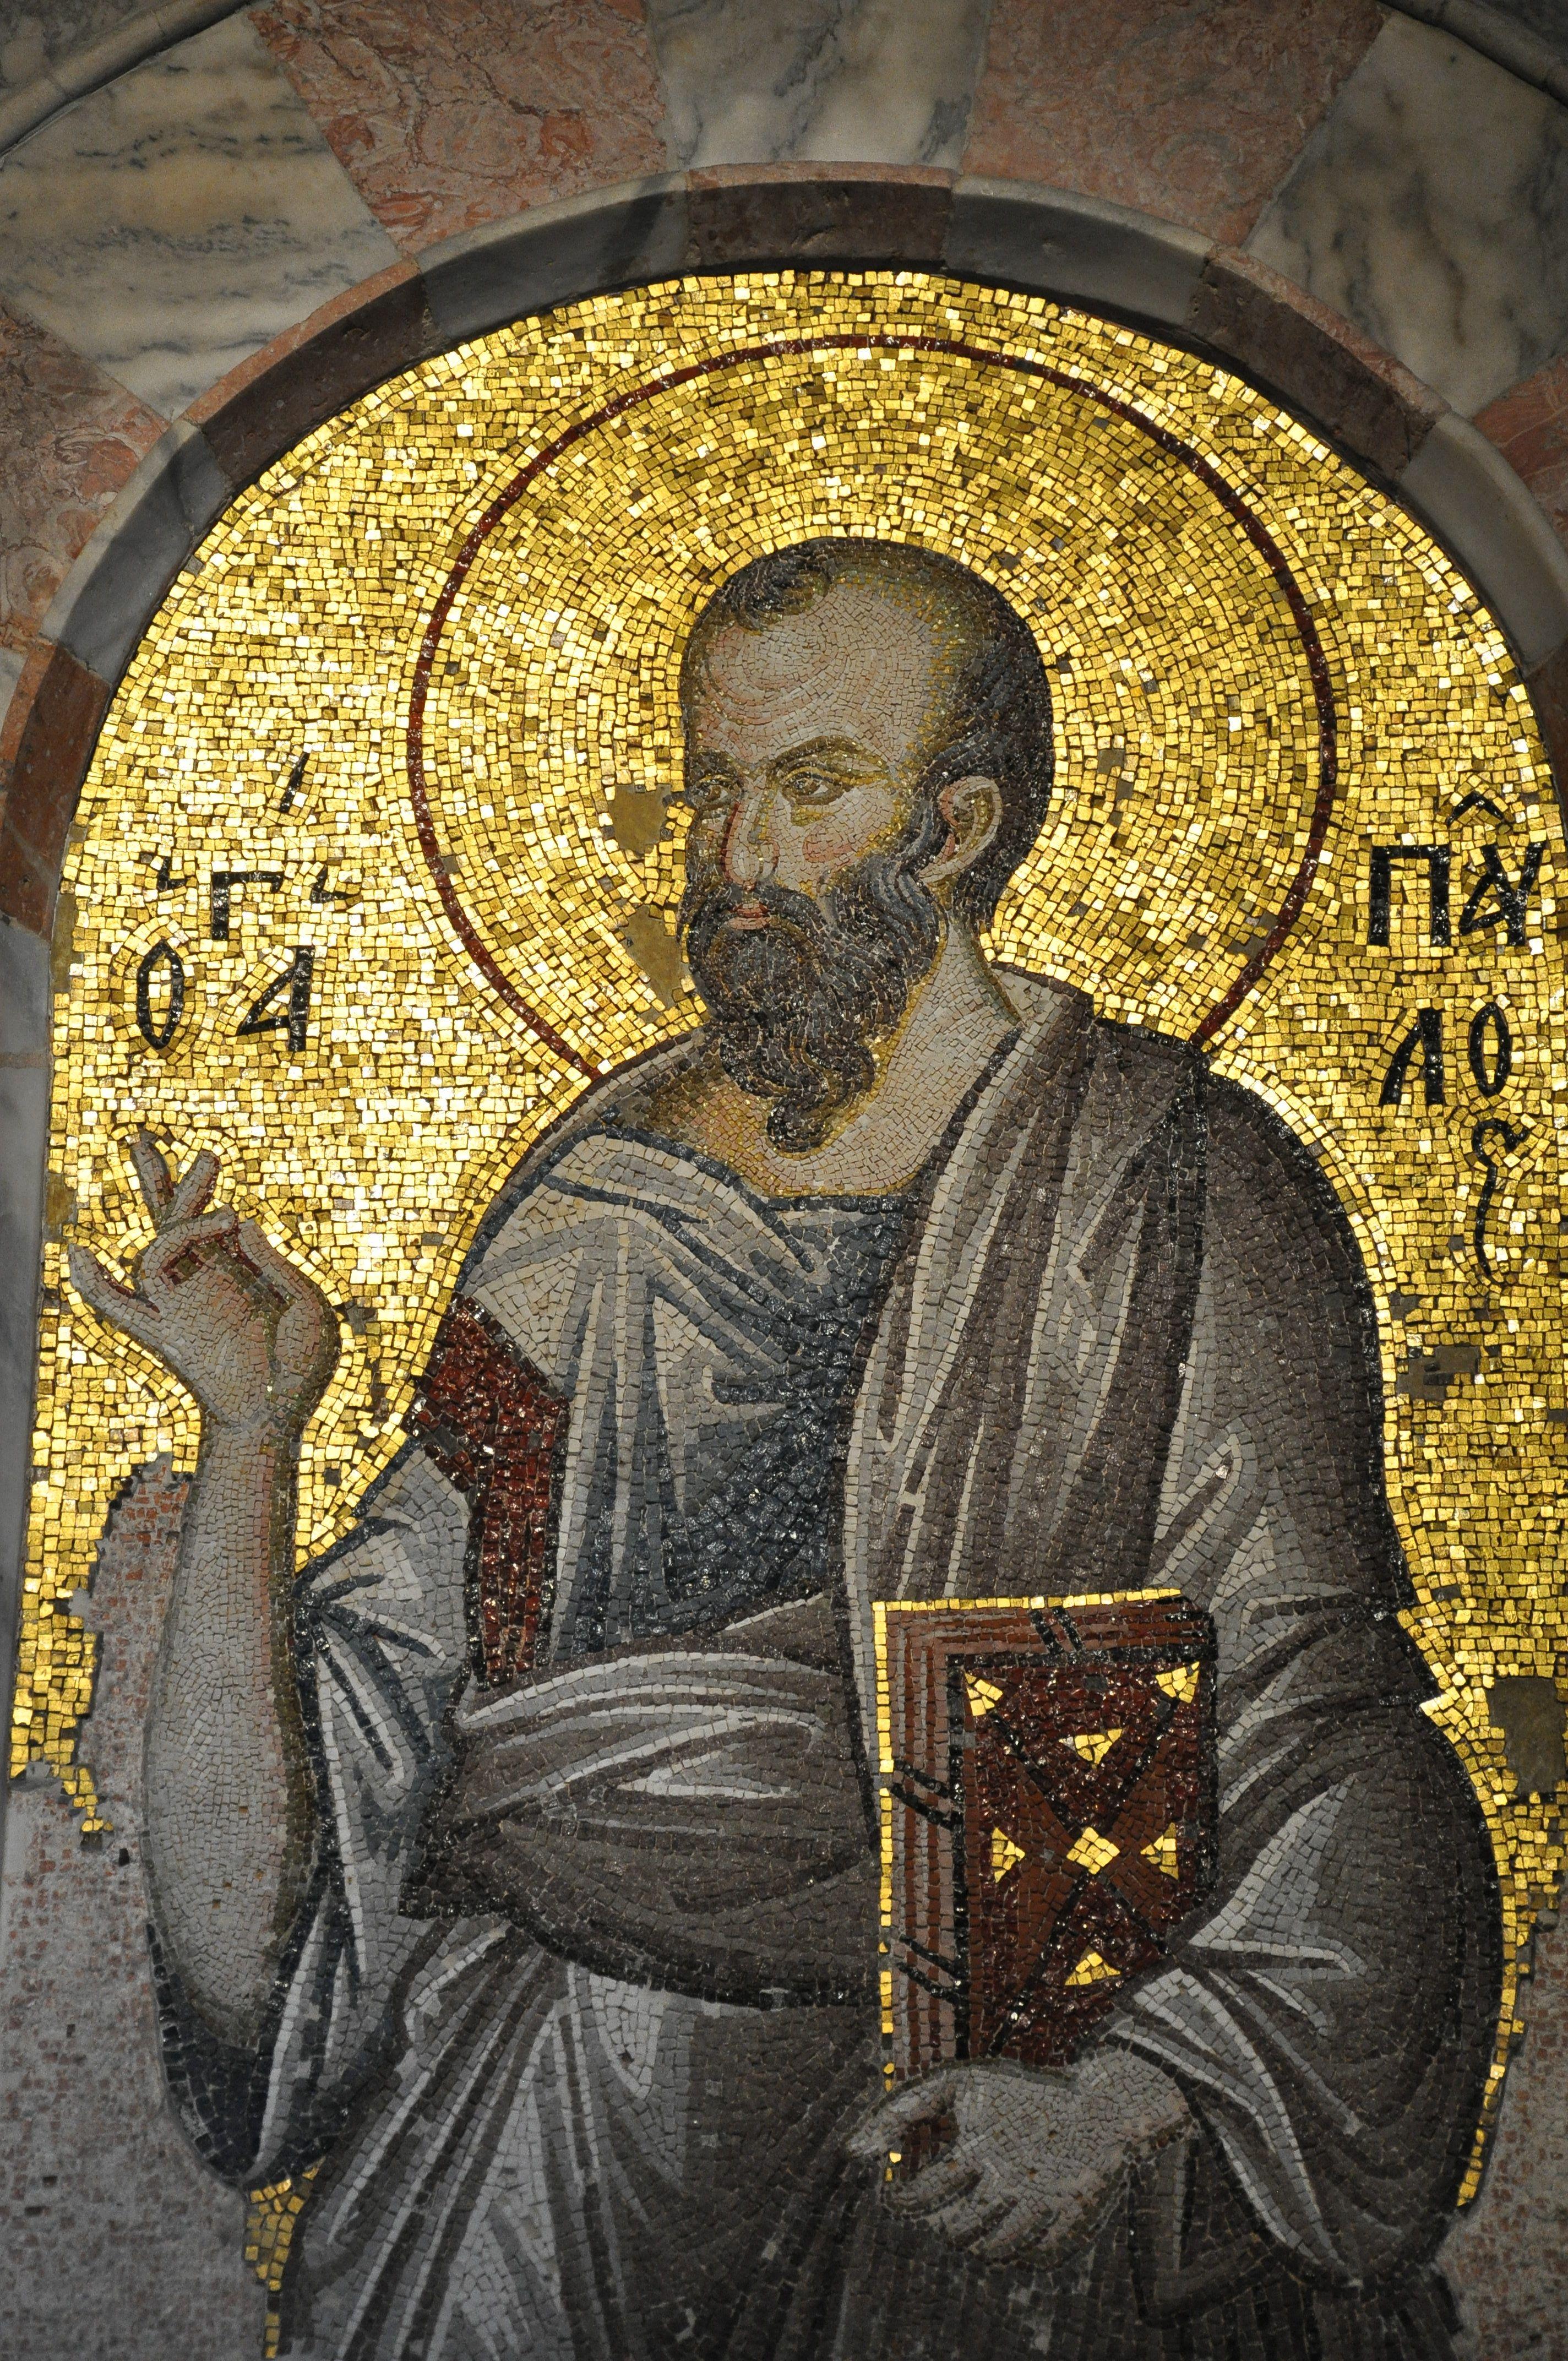 Kariye Chora Museum Mosaics mosaique Istanbul Turkey